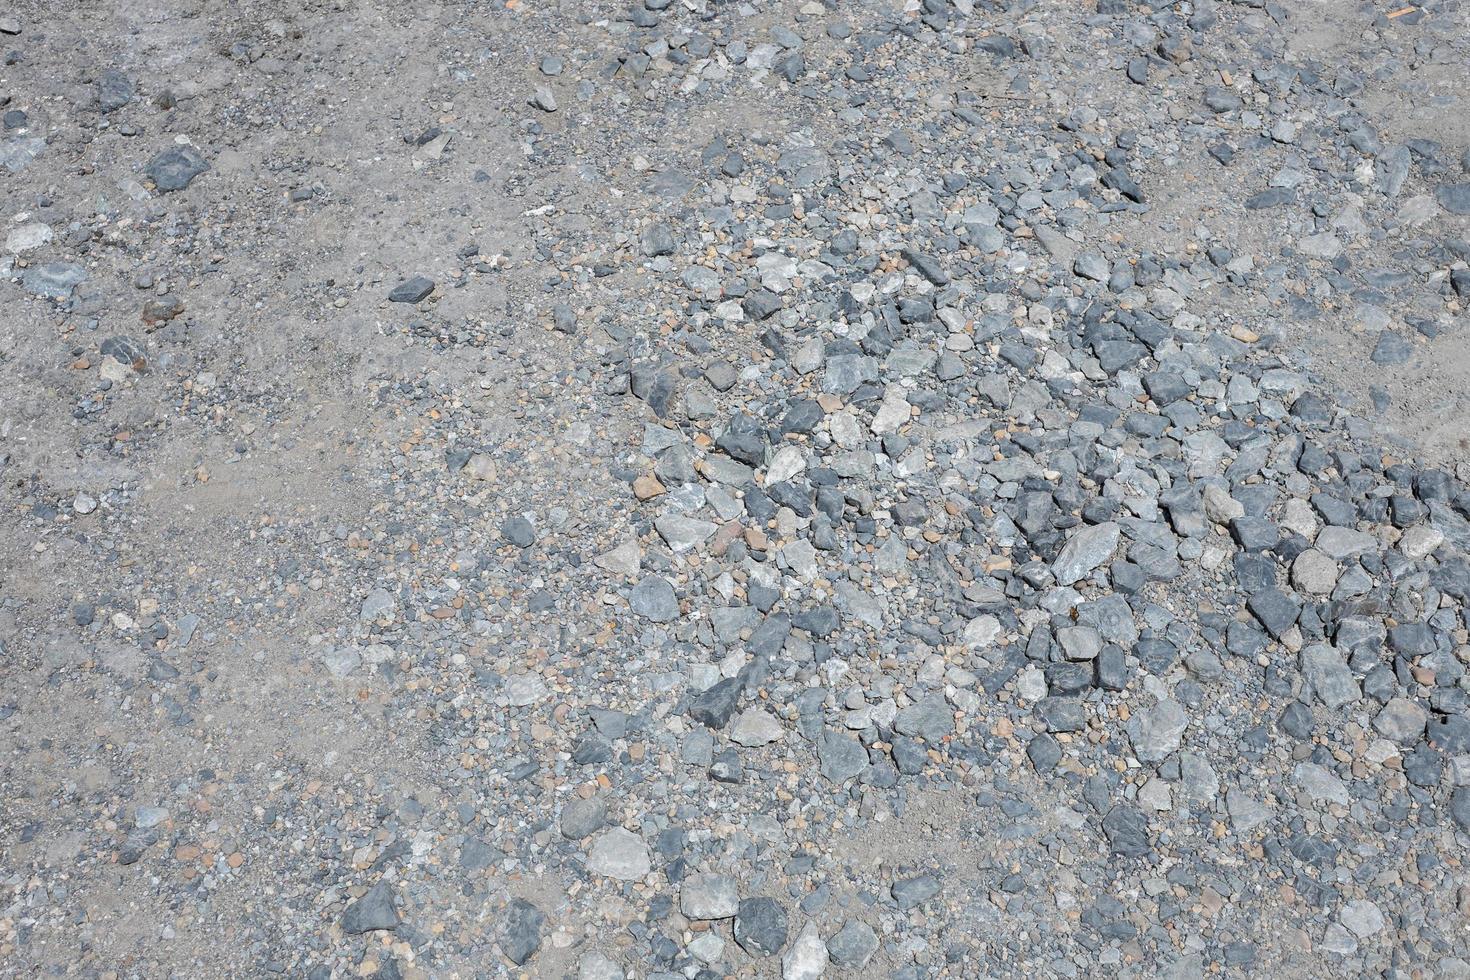 stenväg, stenig väg, stenväg foto